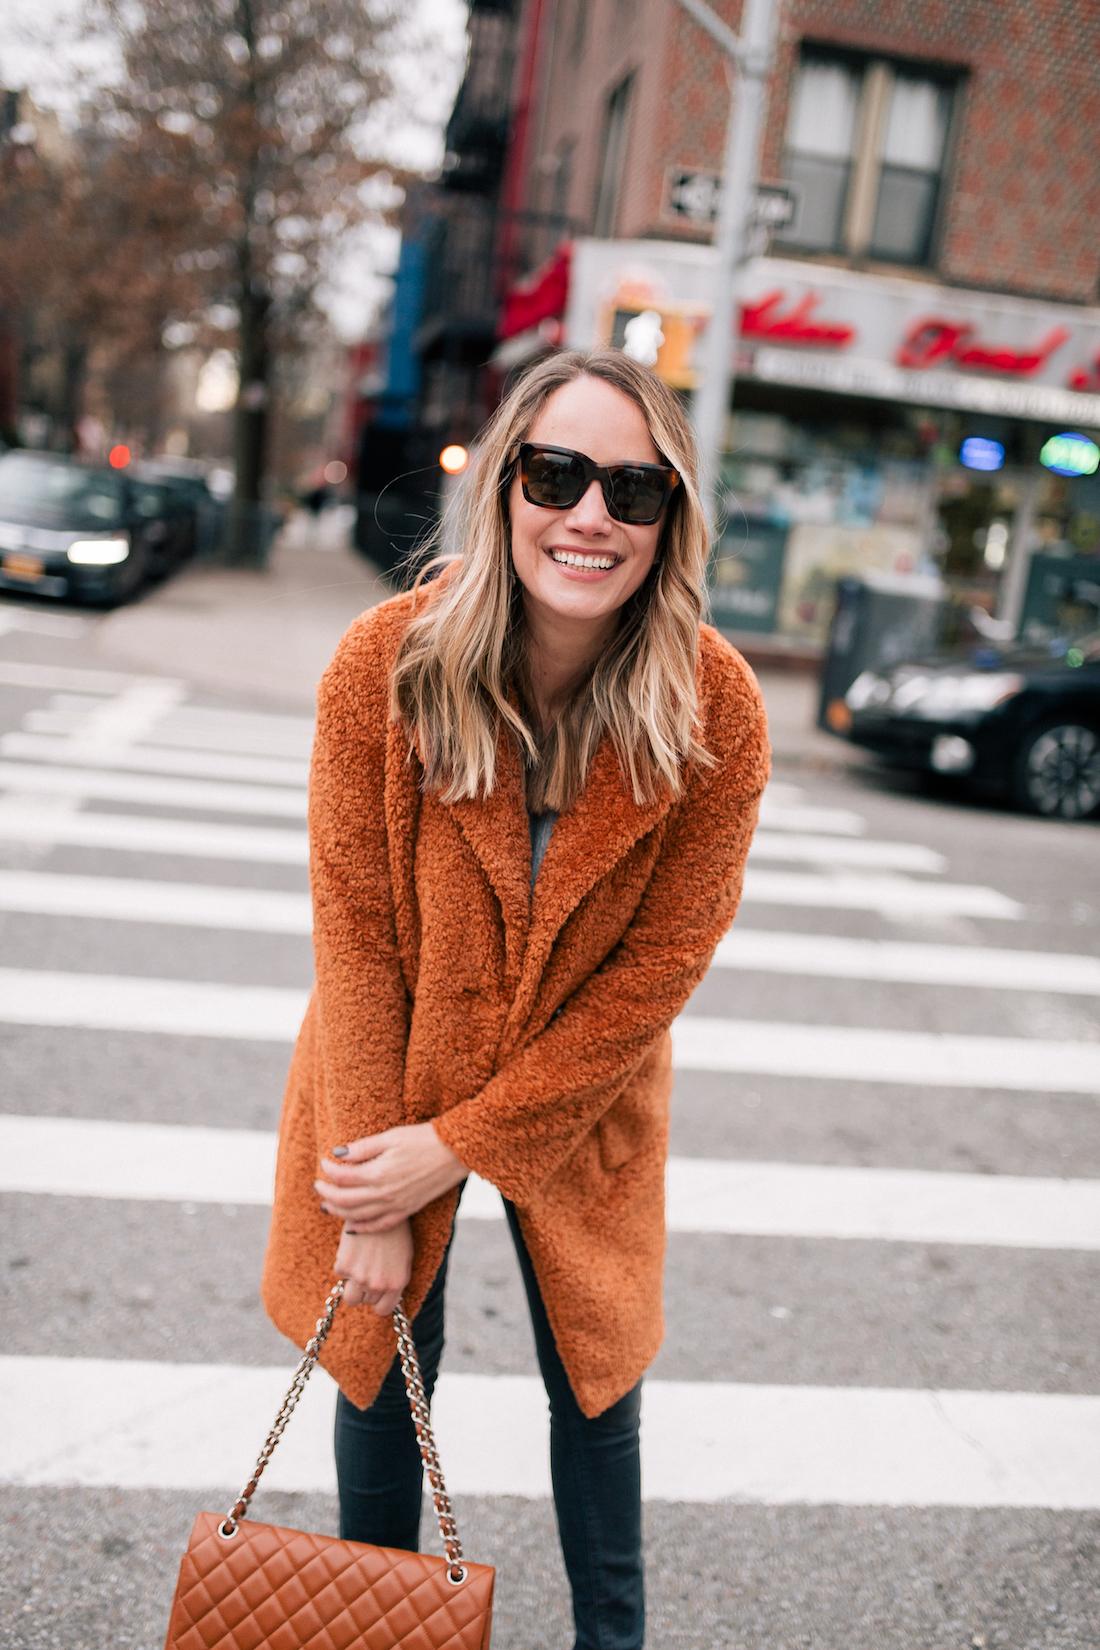 Outfit Details:Atlantic-Pacific x Halogen Teddy Coat // Paige Jeans // Chanel Bag // Celine Sunglasses